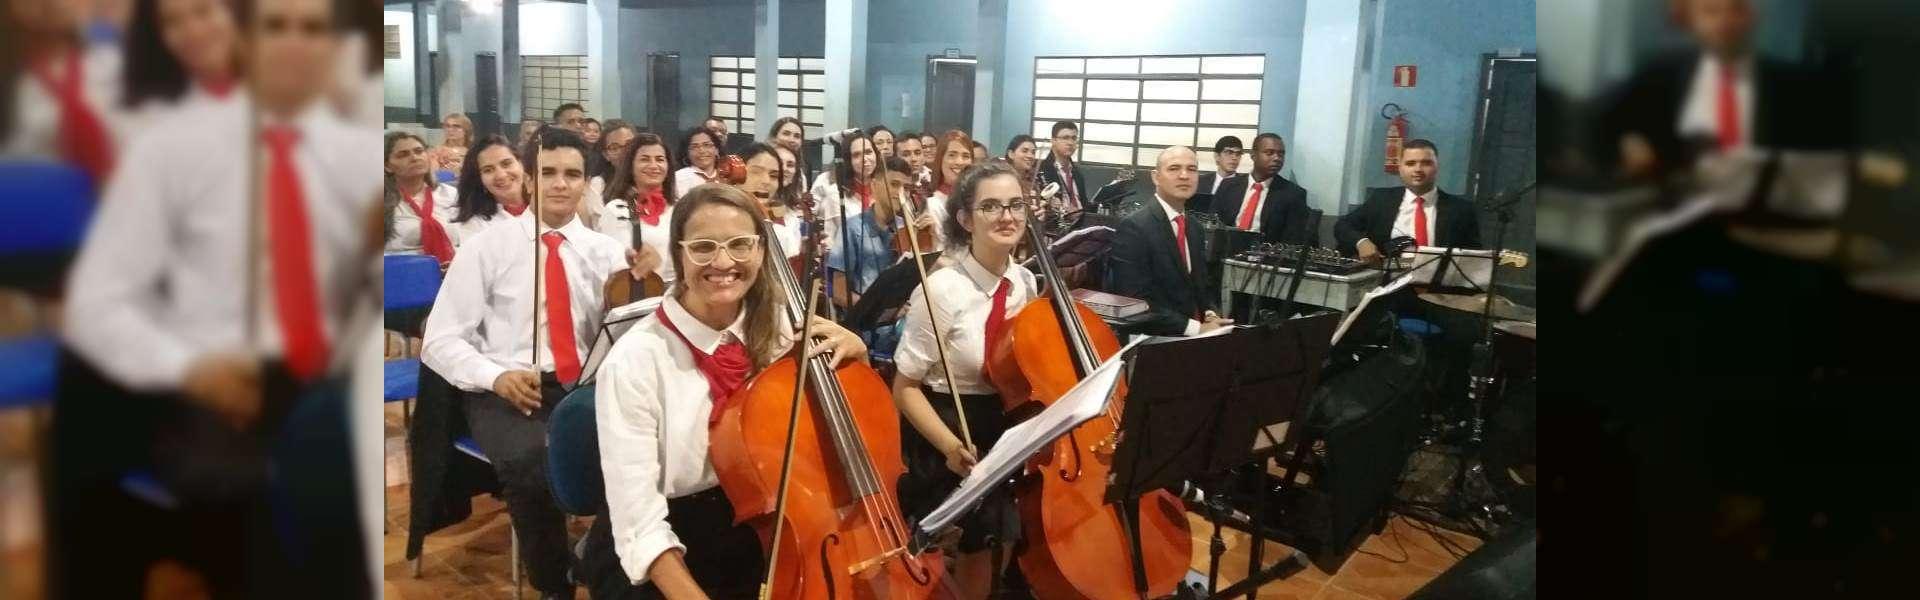 Culto especial em cidade onde não há templo da Igreja Cristã Maranata marca a obra em Rondônia